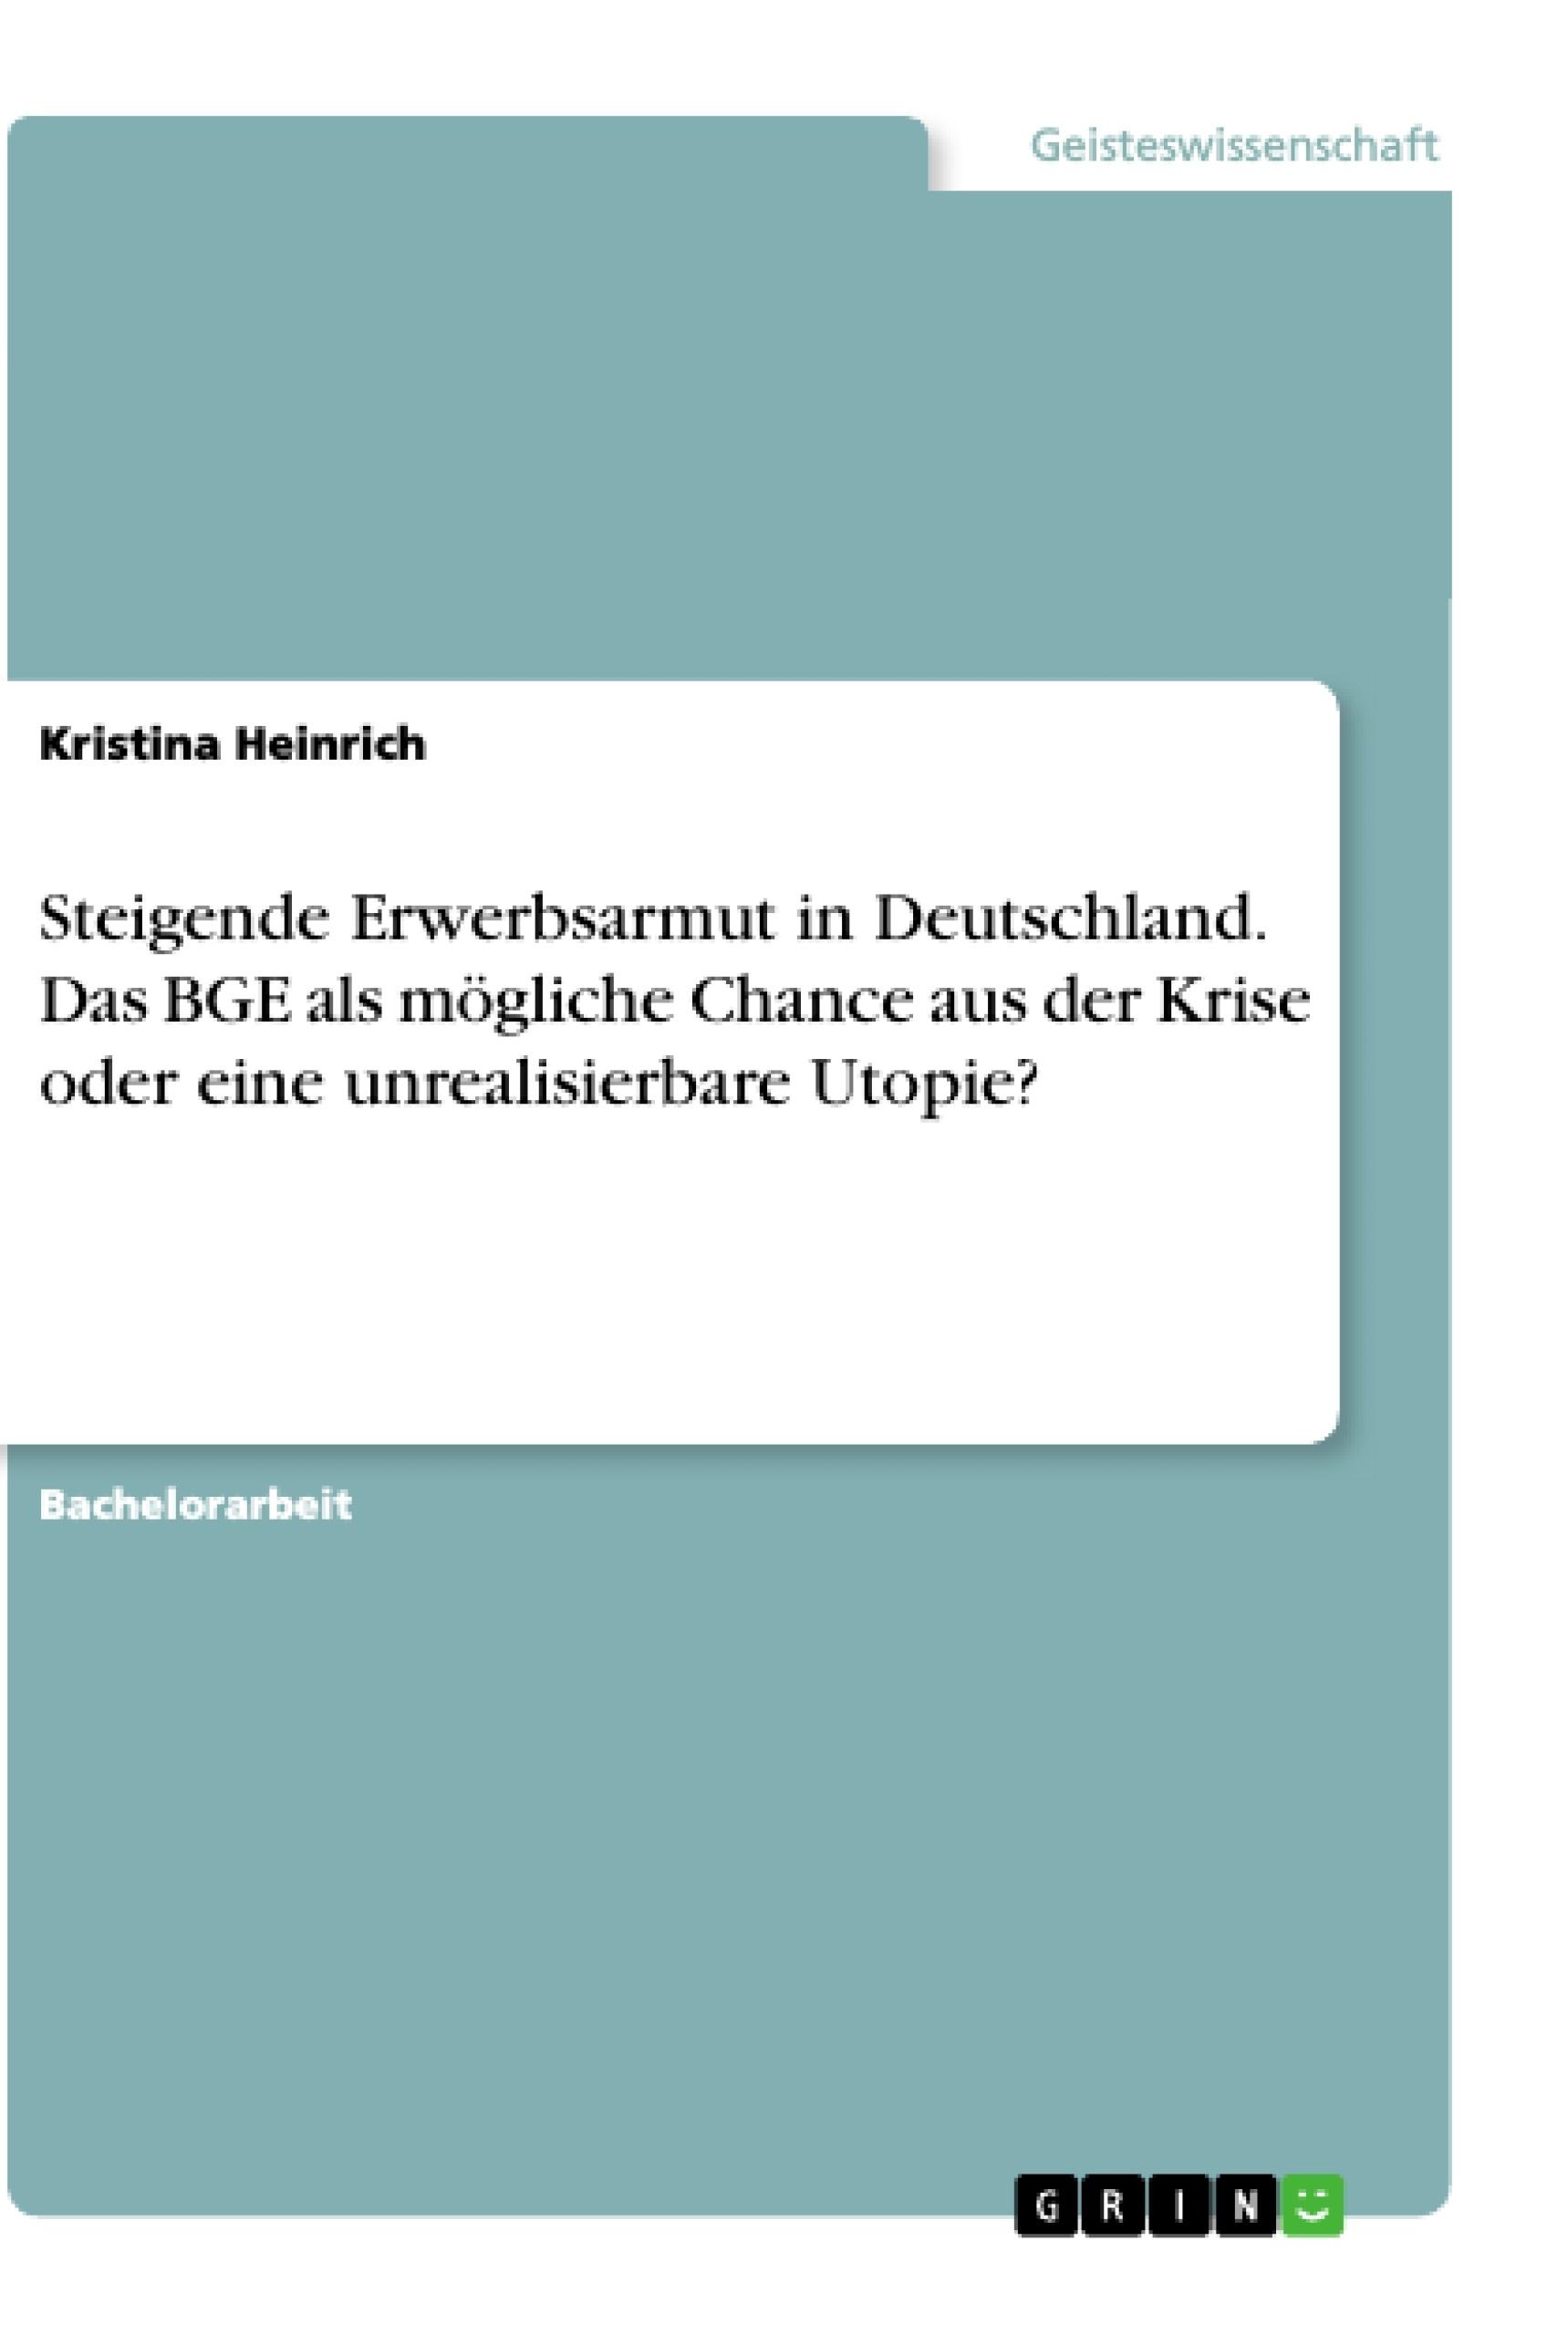 Titel: Steigende Erwerbsarmut in Deutschland. Das BGE als mögliche Chance aus der Krise oder eine unrealisierbare Utopie?